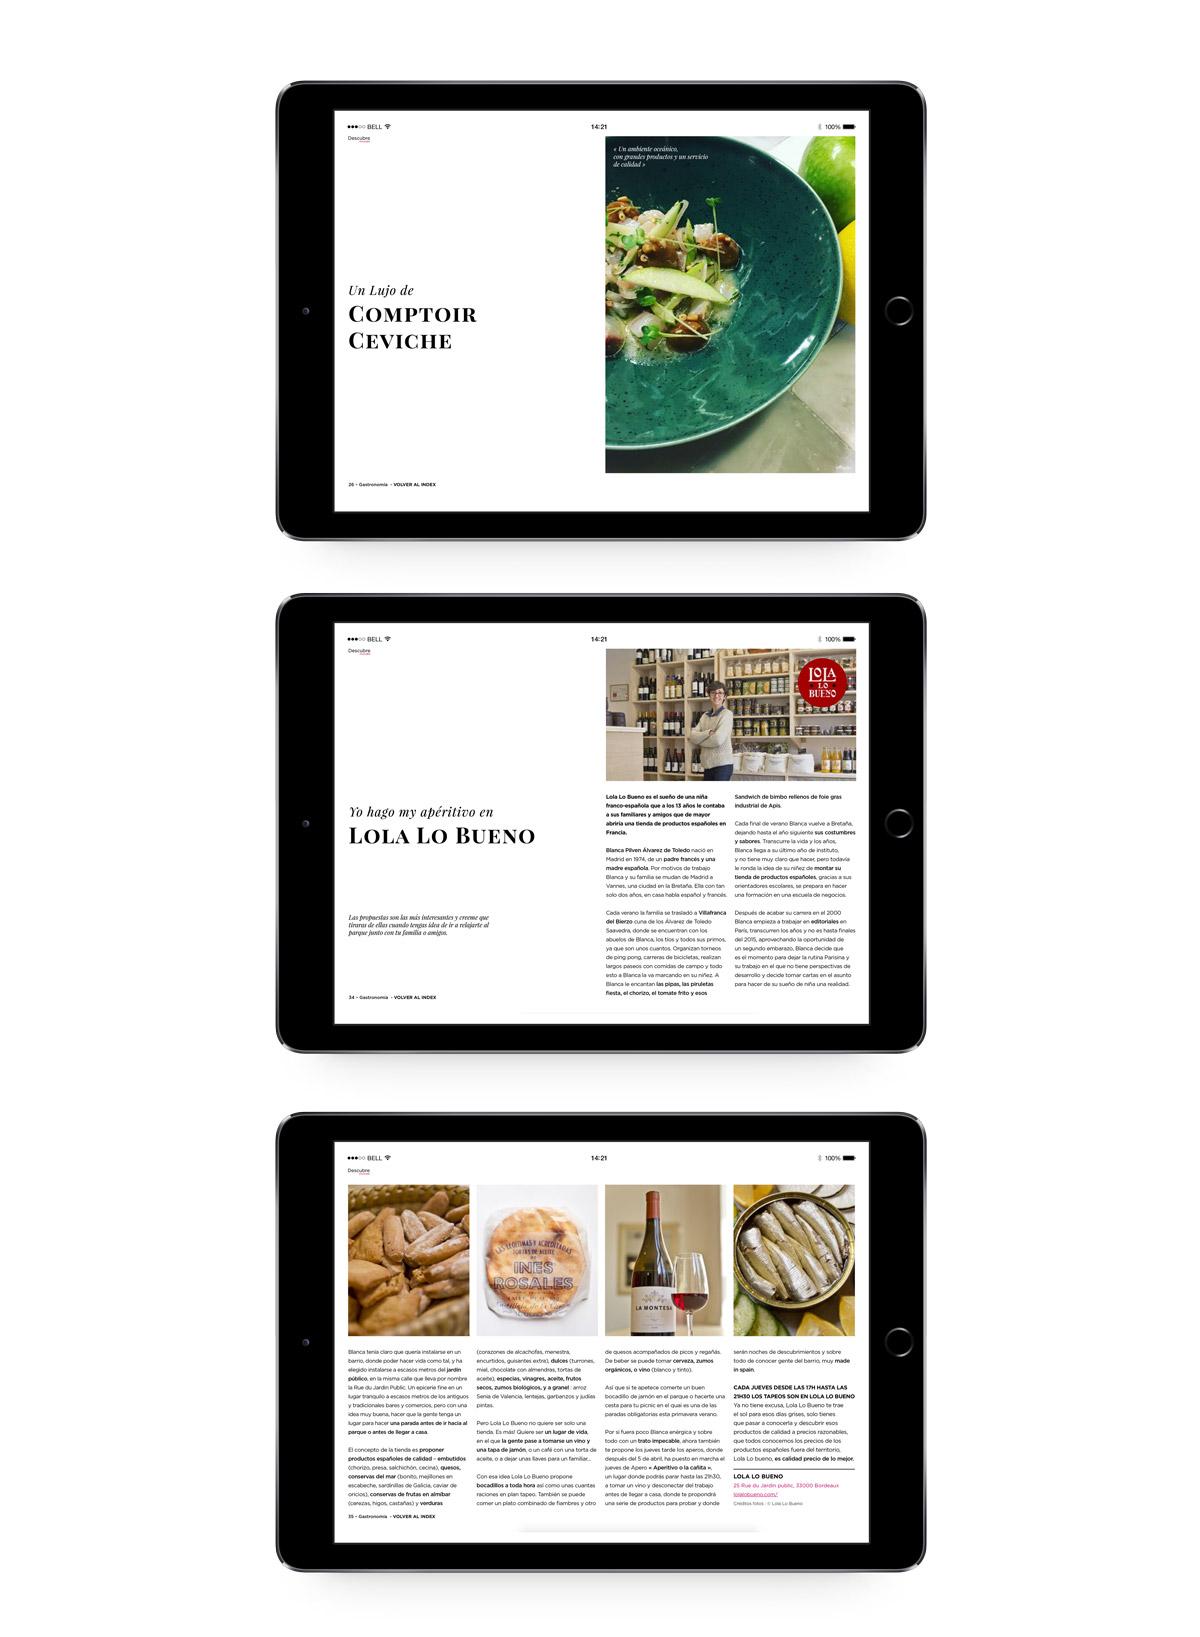 descubre-magazine-1200x1600px